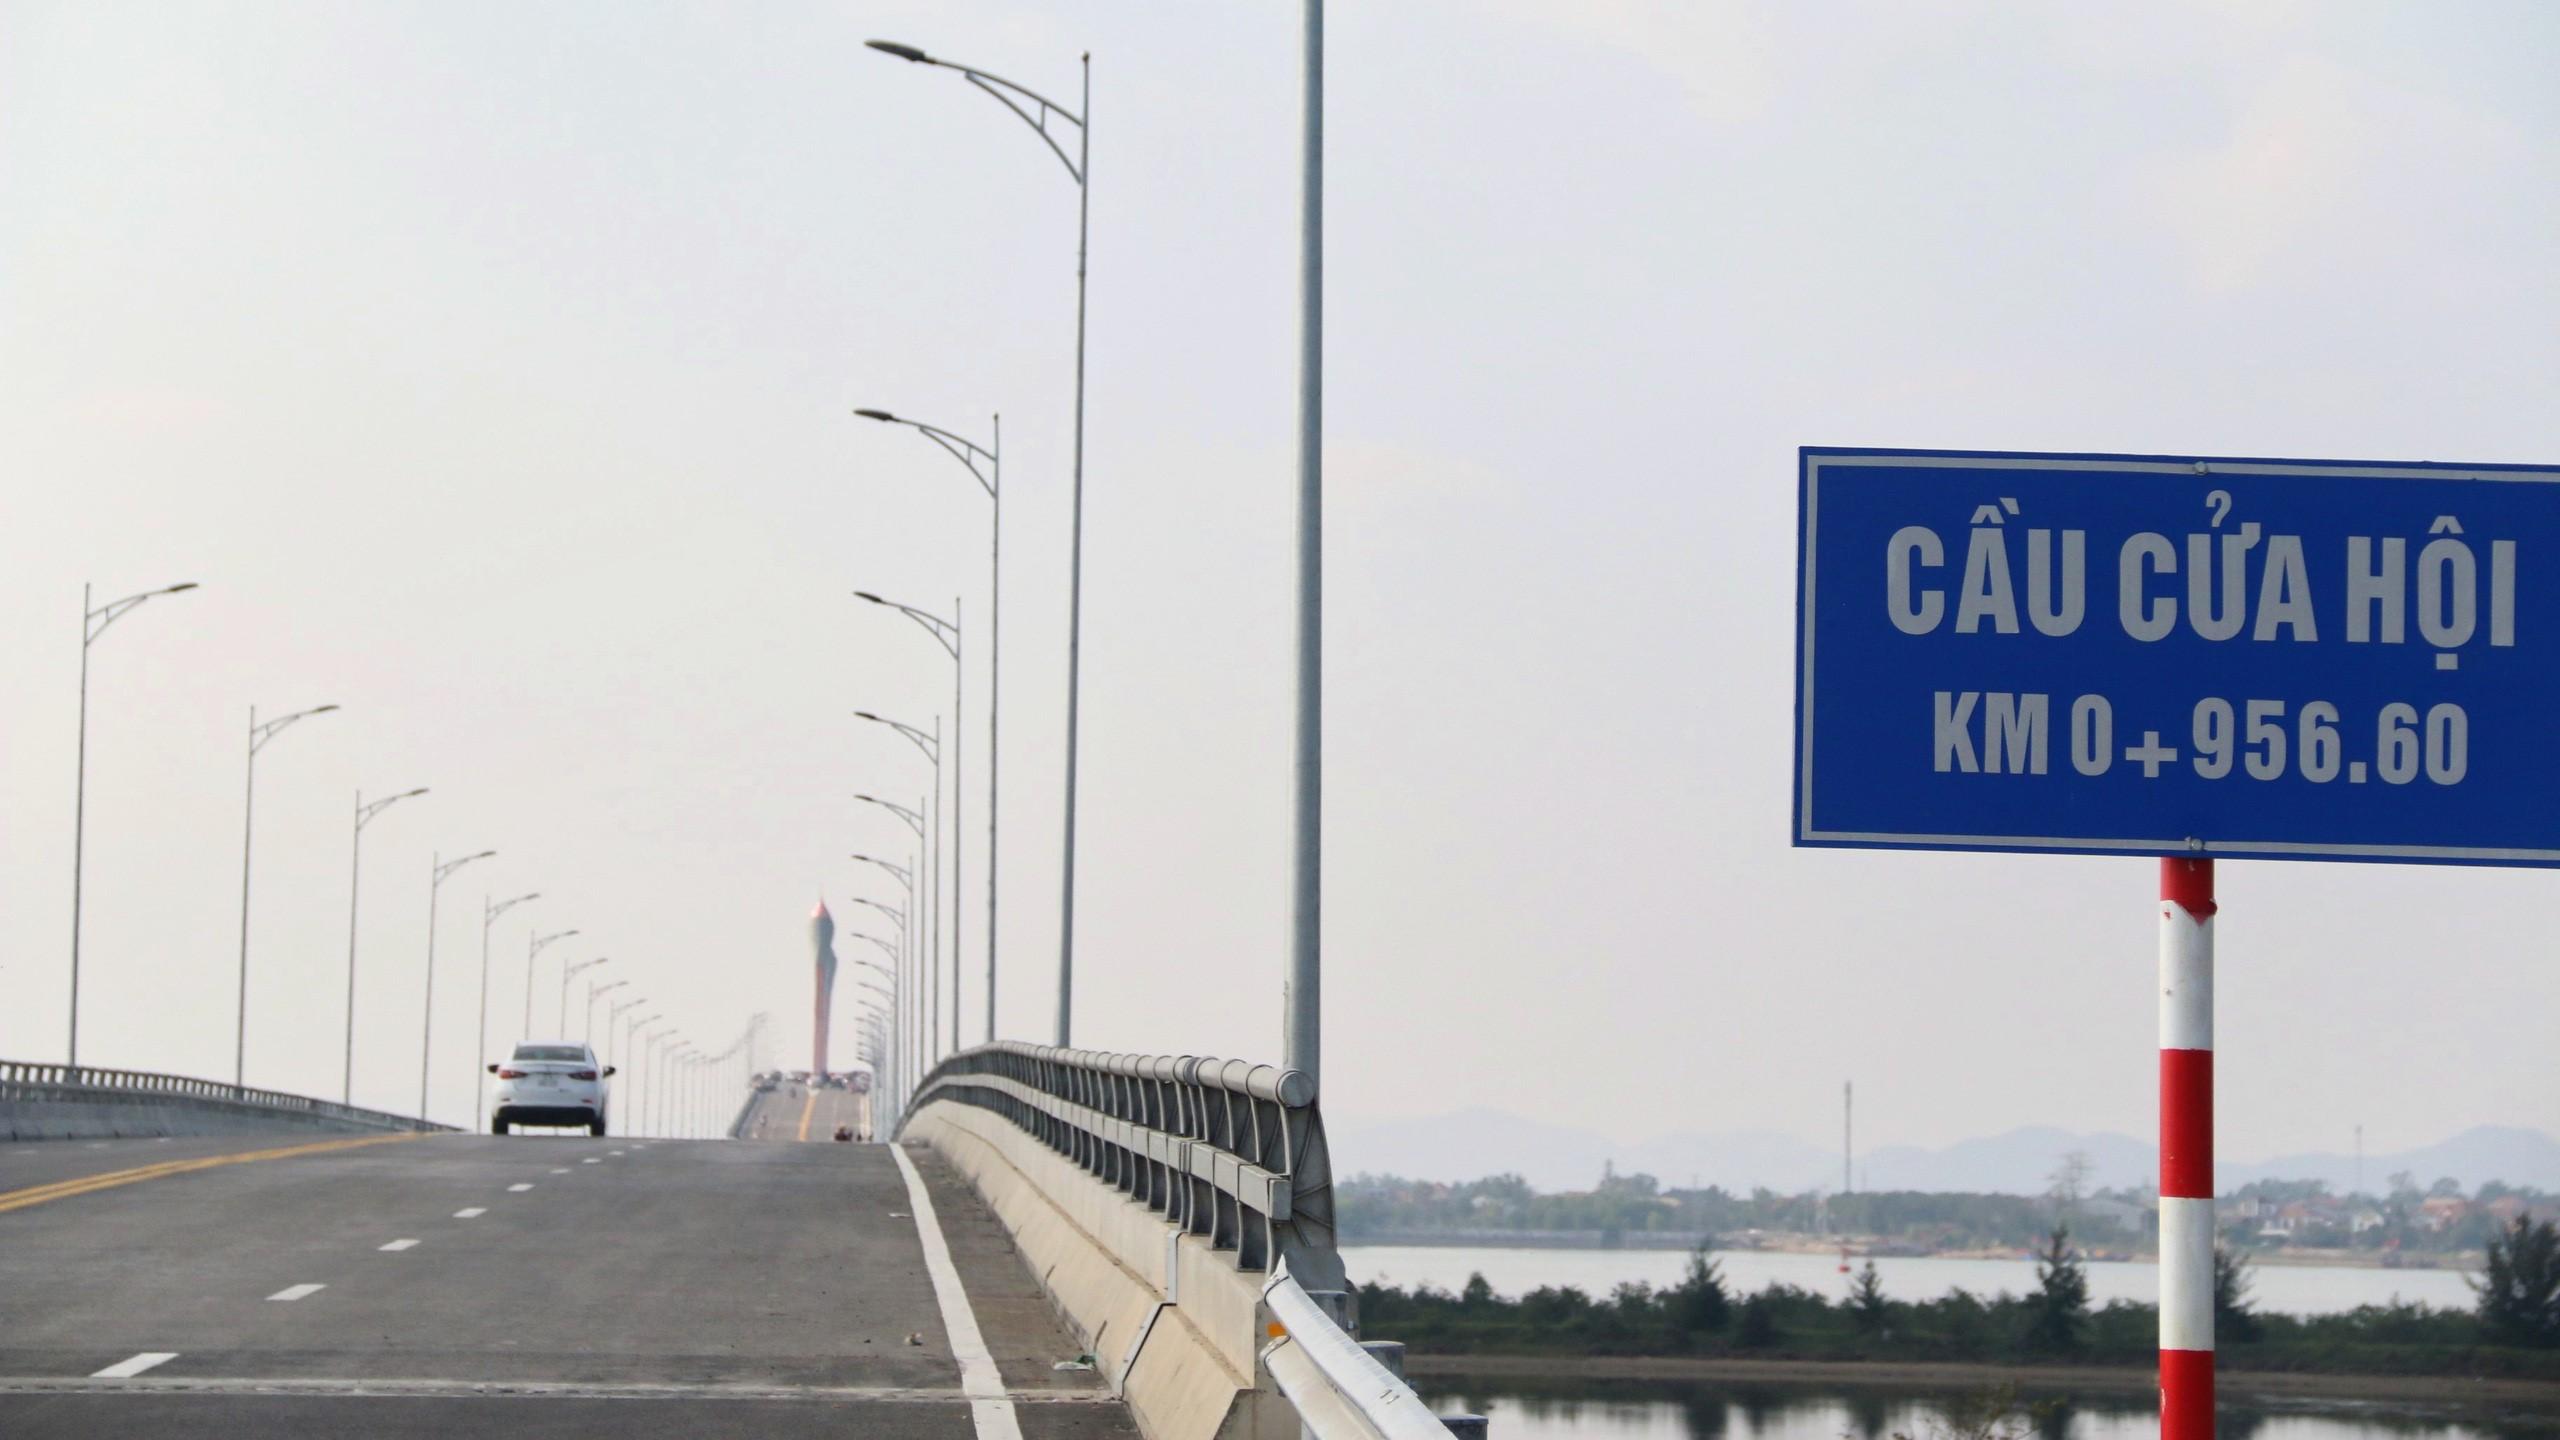 Nghệ An: Gần 11.000 tỷ đồng rót vào các dự án giao thông năm 2021 - Ảnh 1.